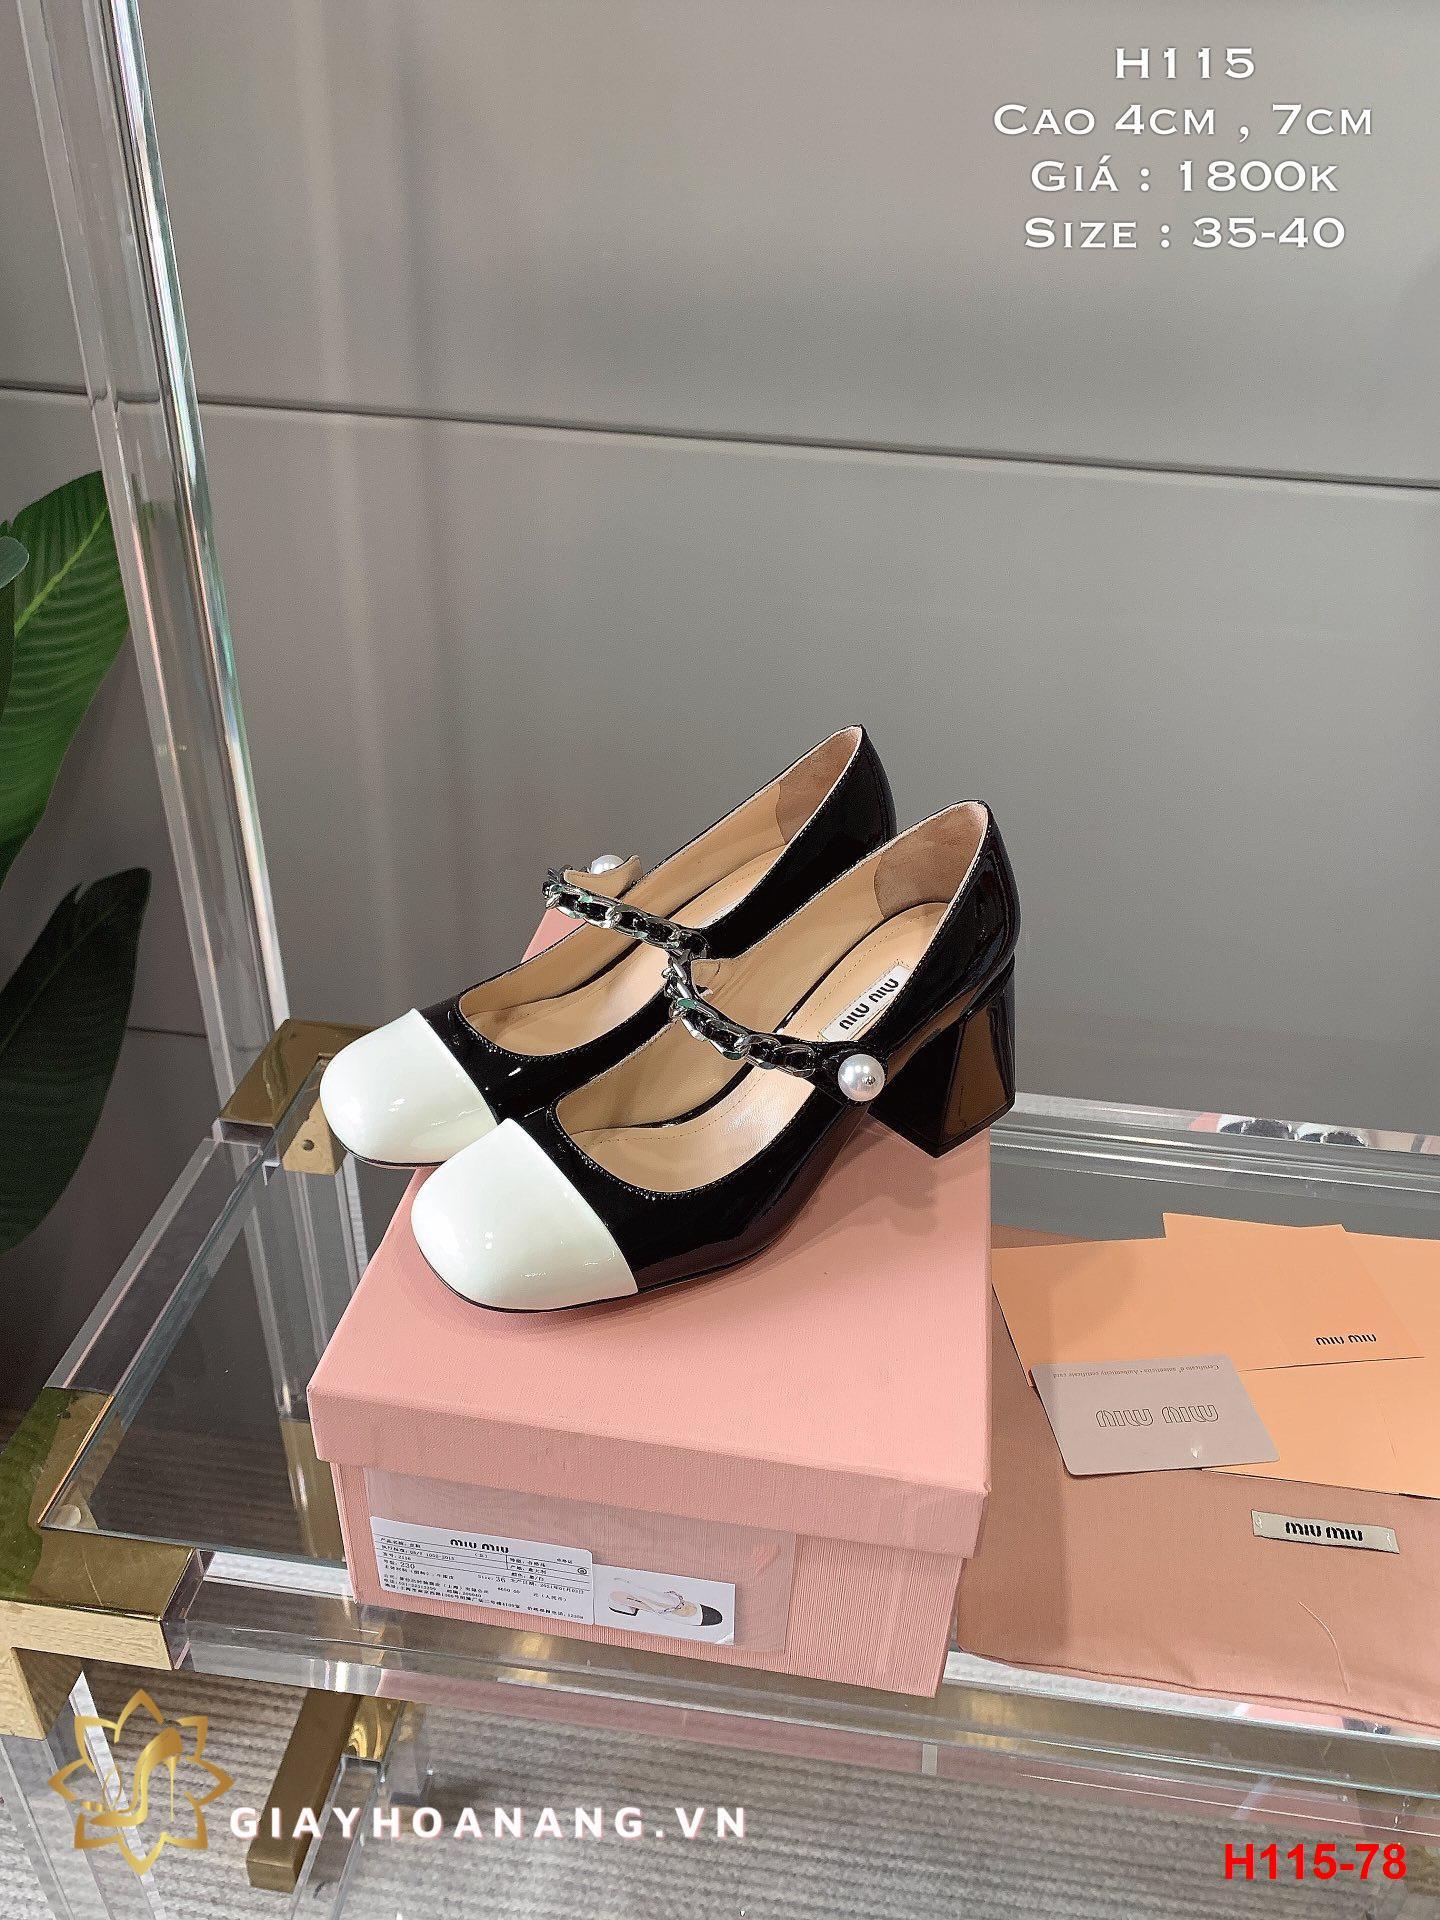 H115-78 Miu Miu giày cao 4cm , 7cm siêu cấp